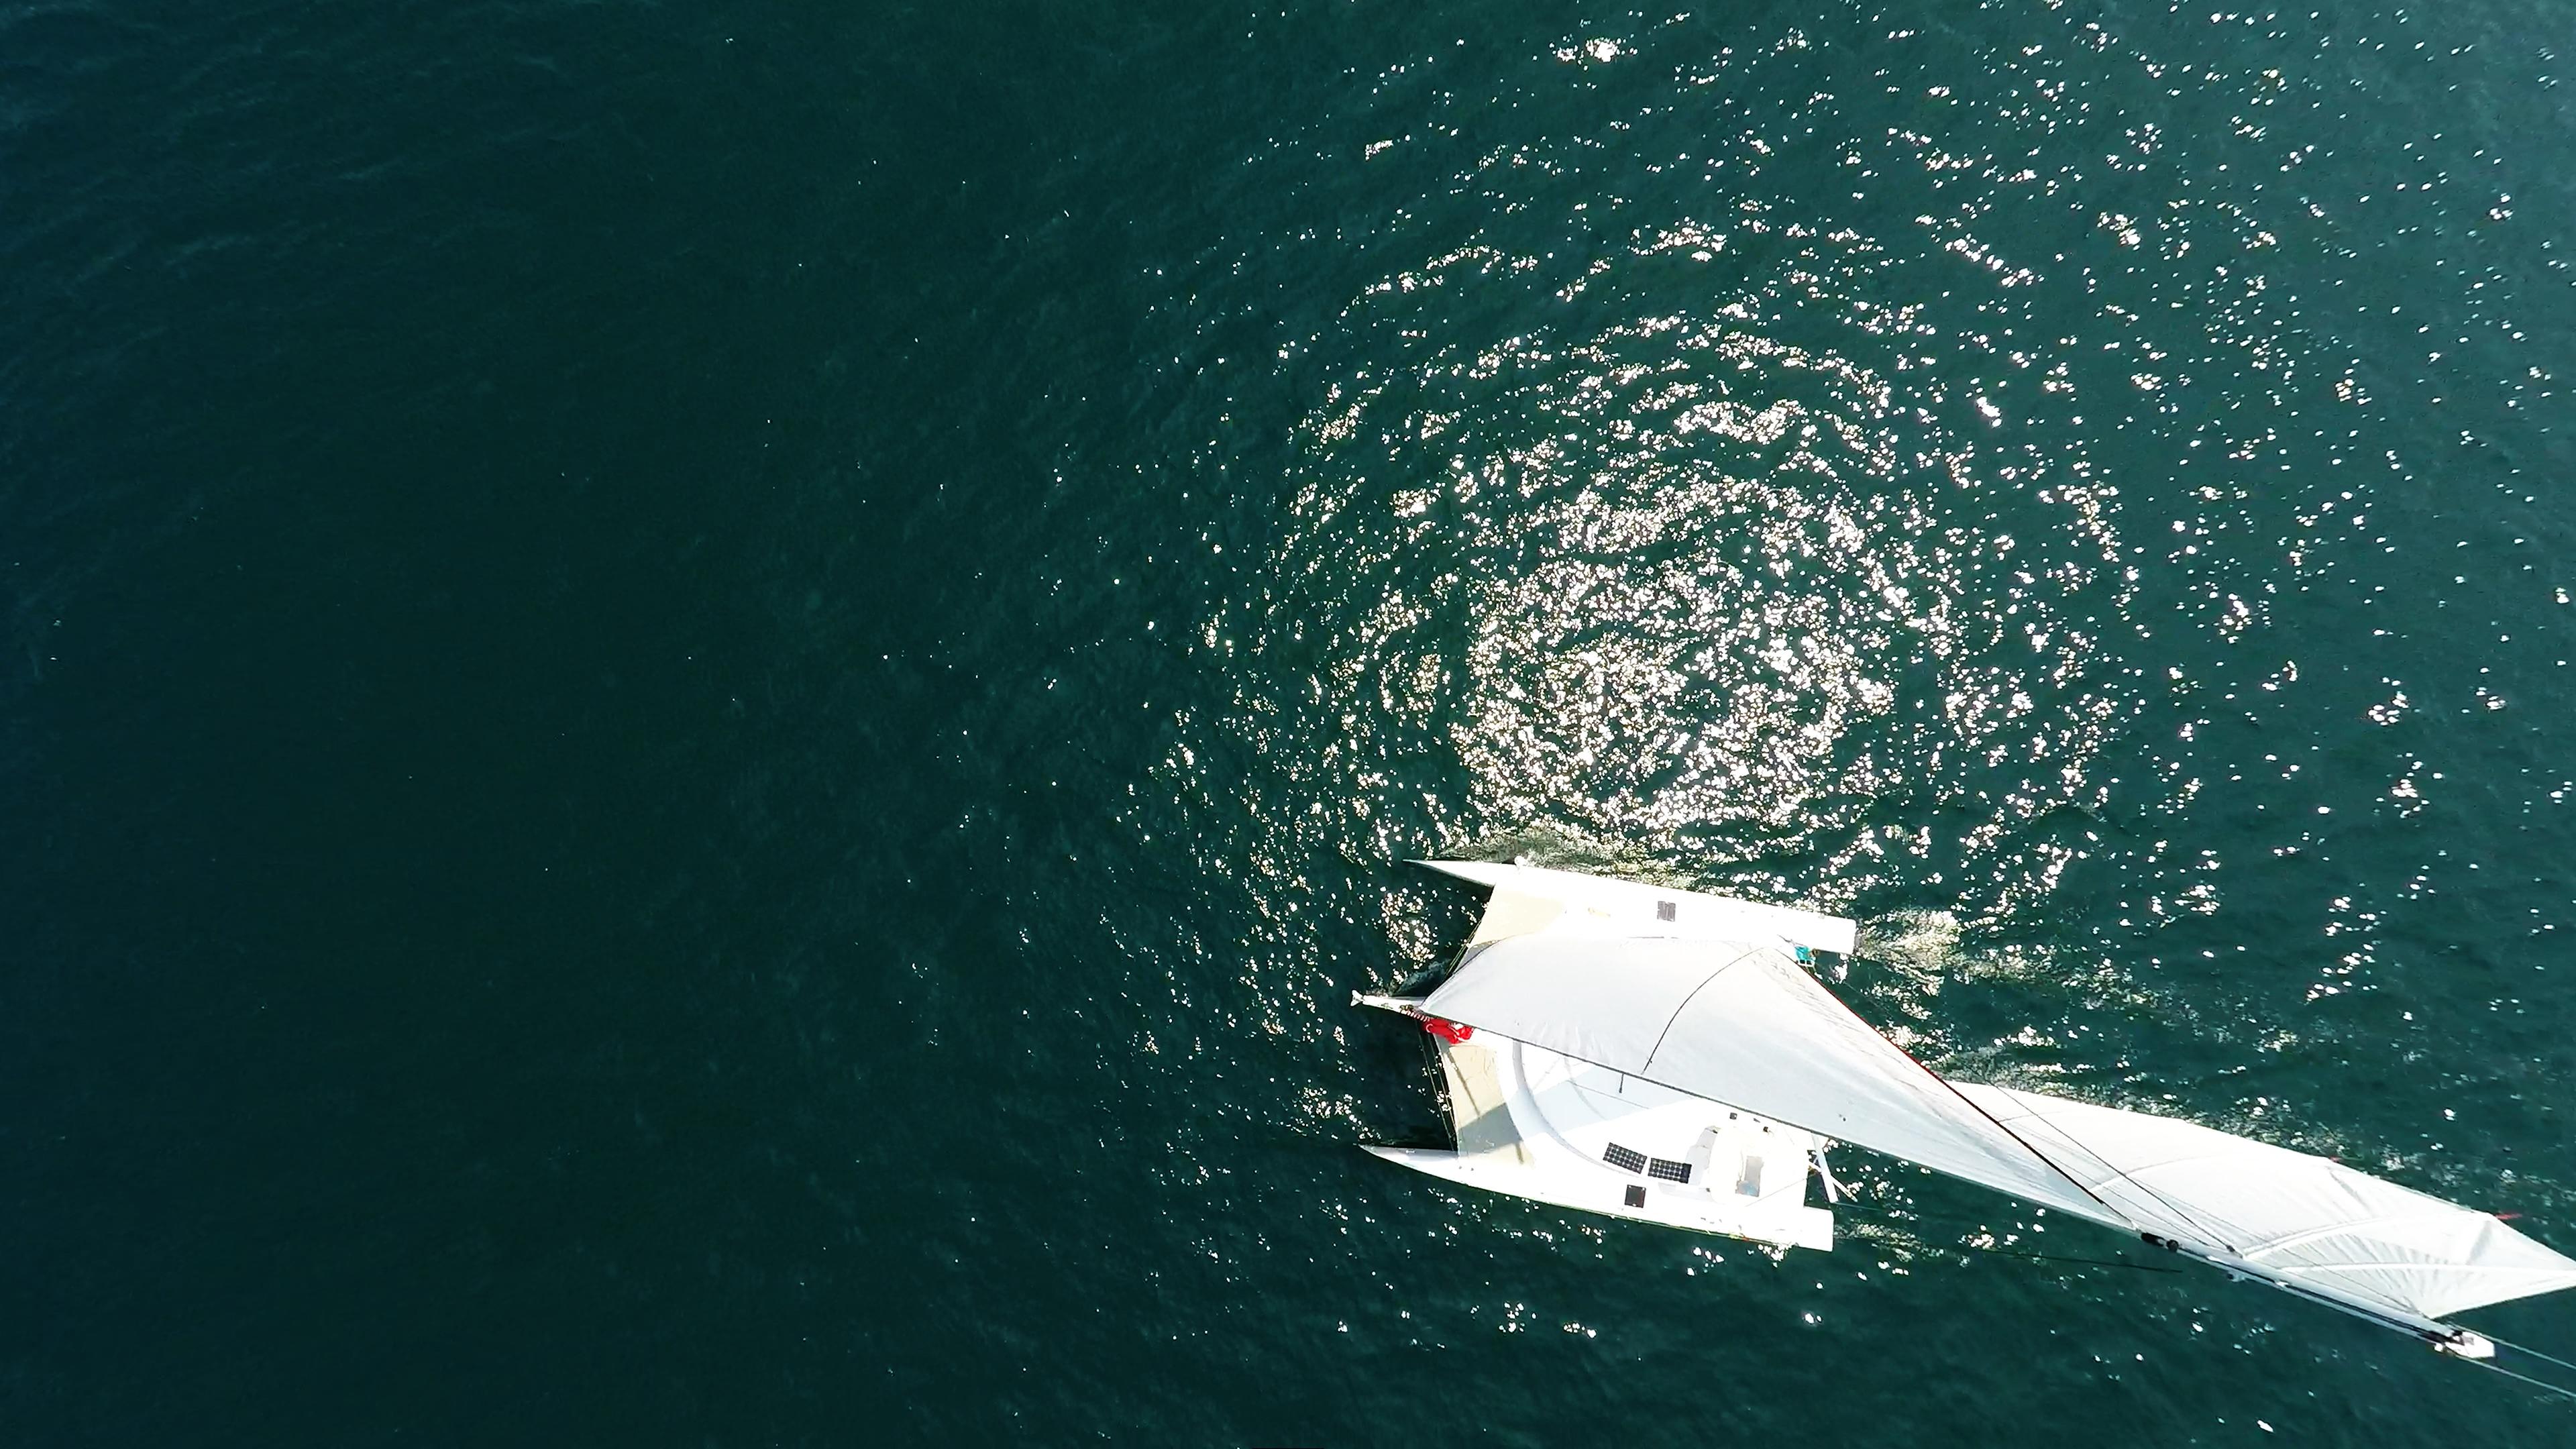 foto aerea di multiscafo barca a vela nadir